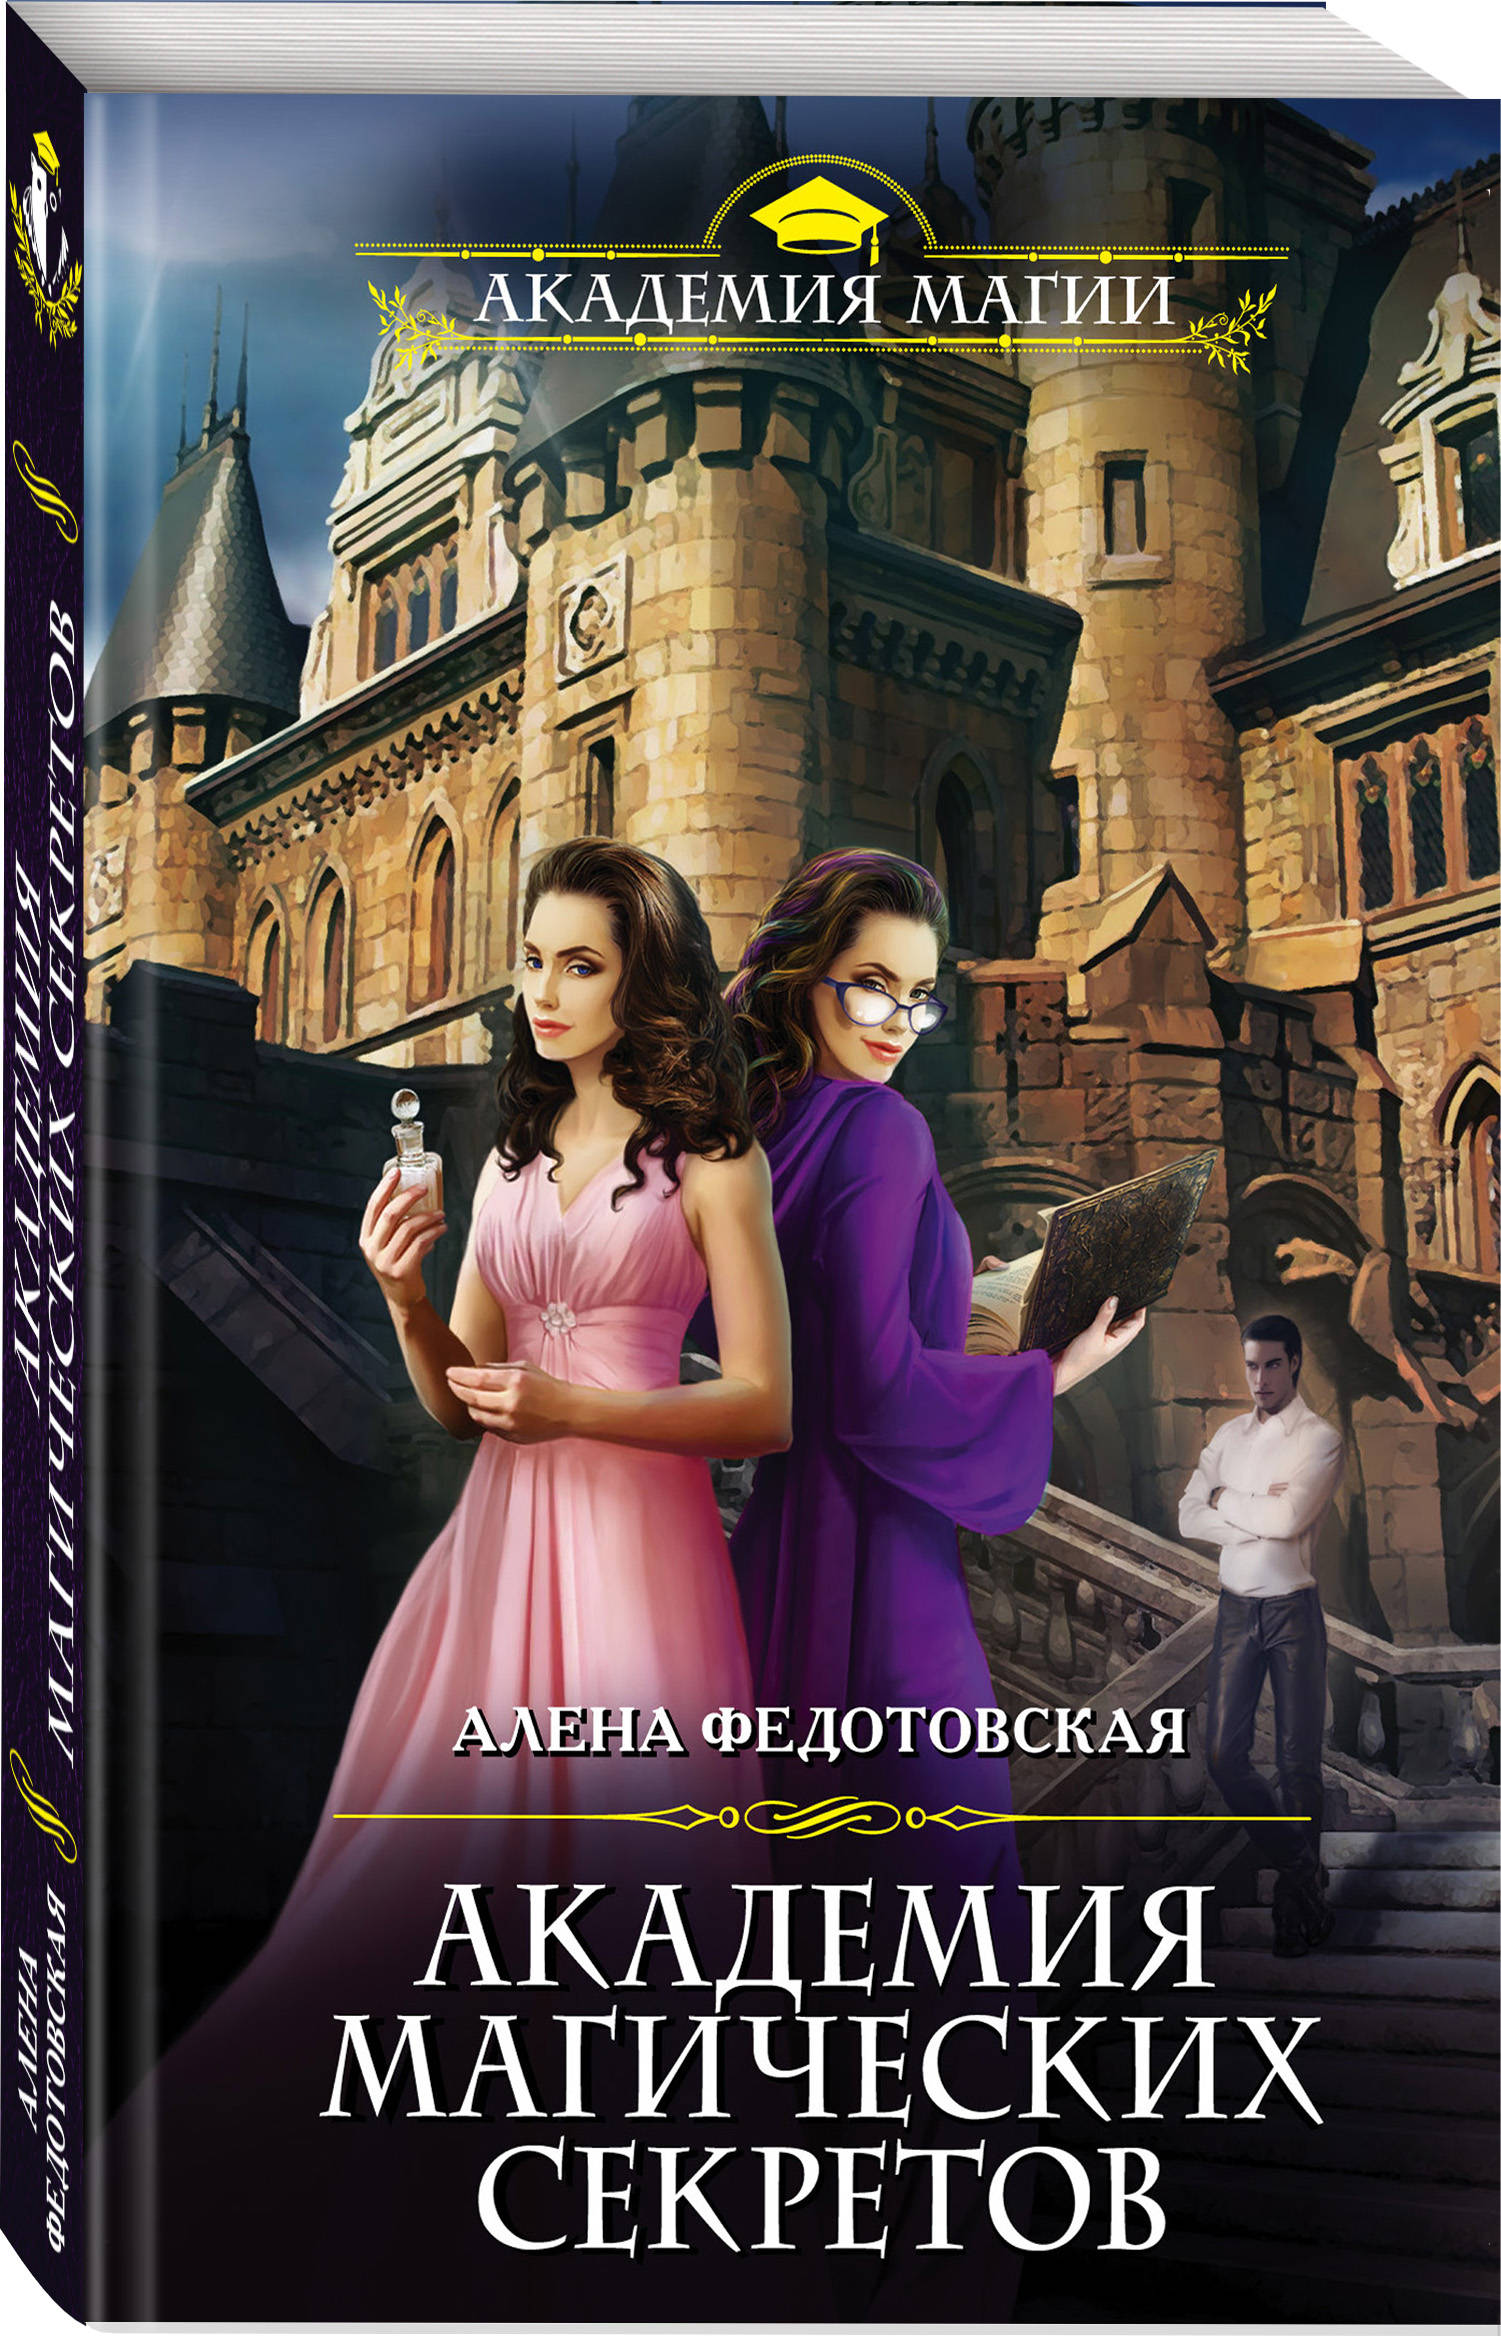 Алена Федотовская Академия магических секретов академия магических секретов